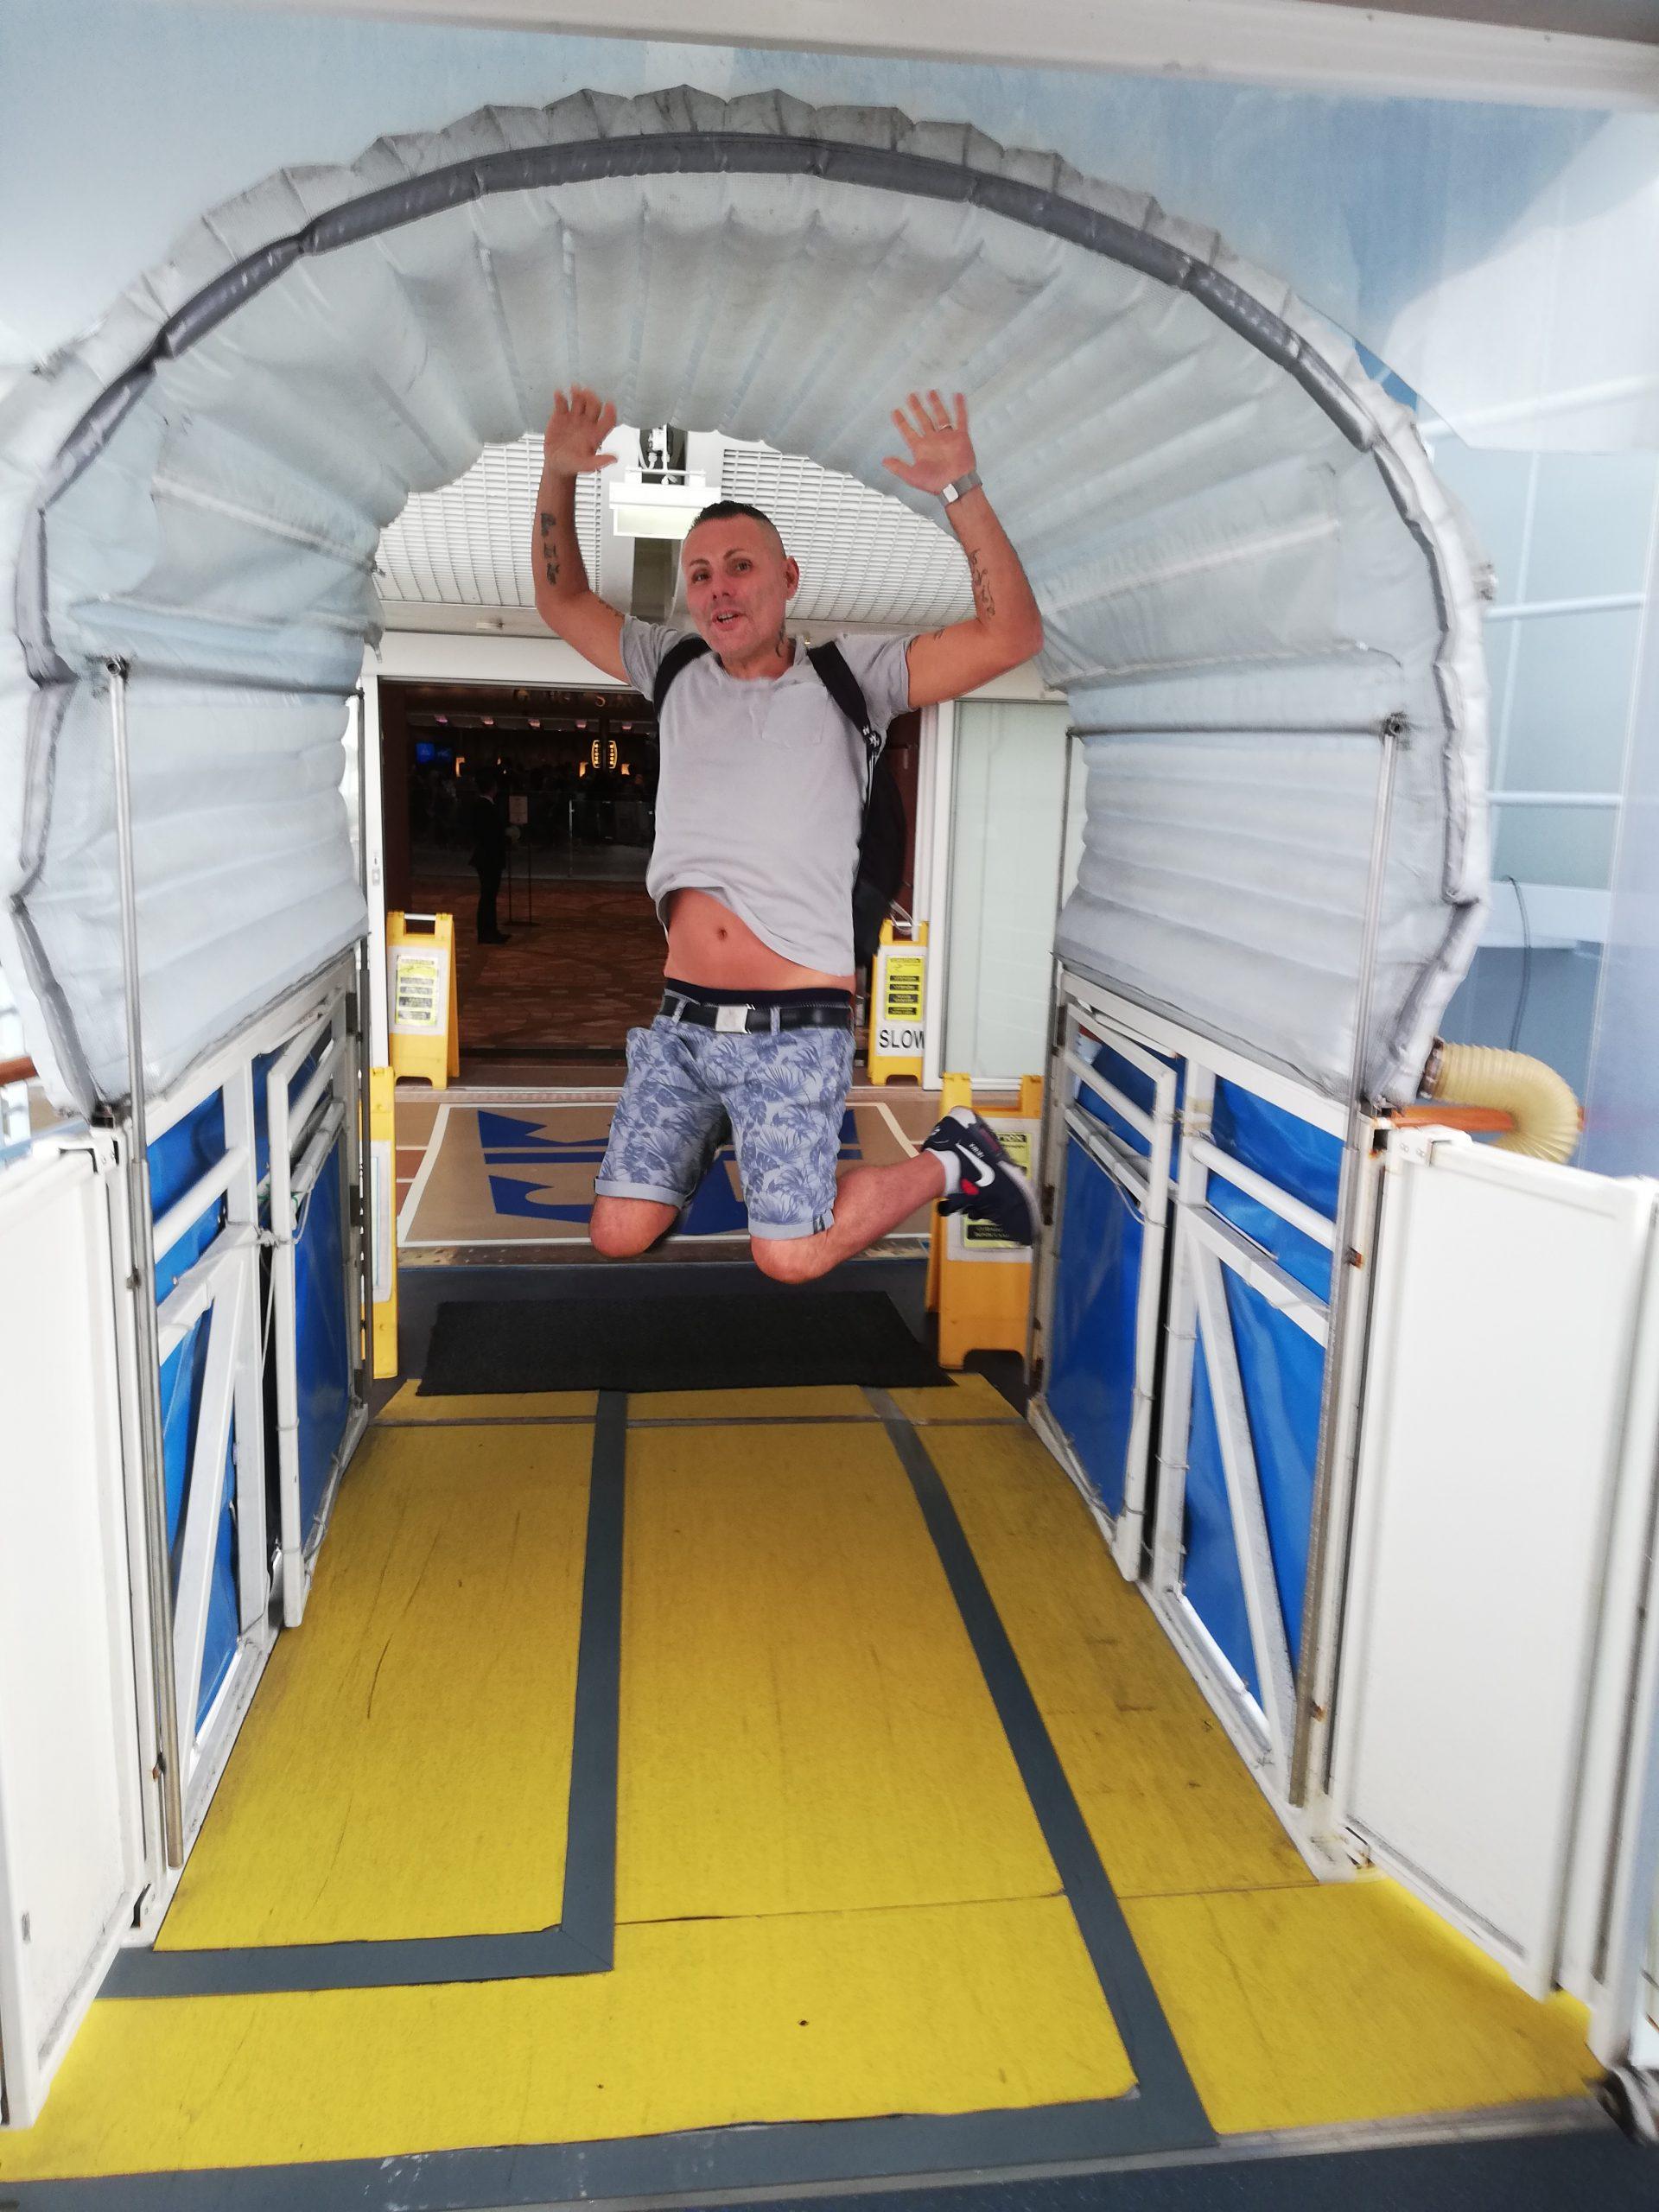 ingresso sulla allure of the seas, con salto!